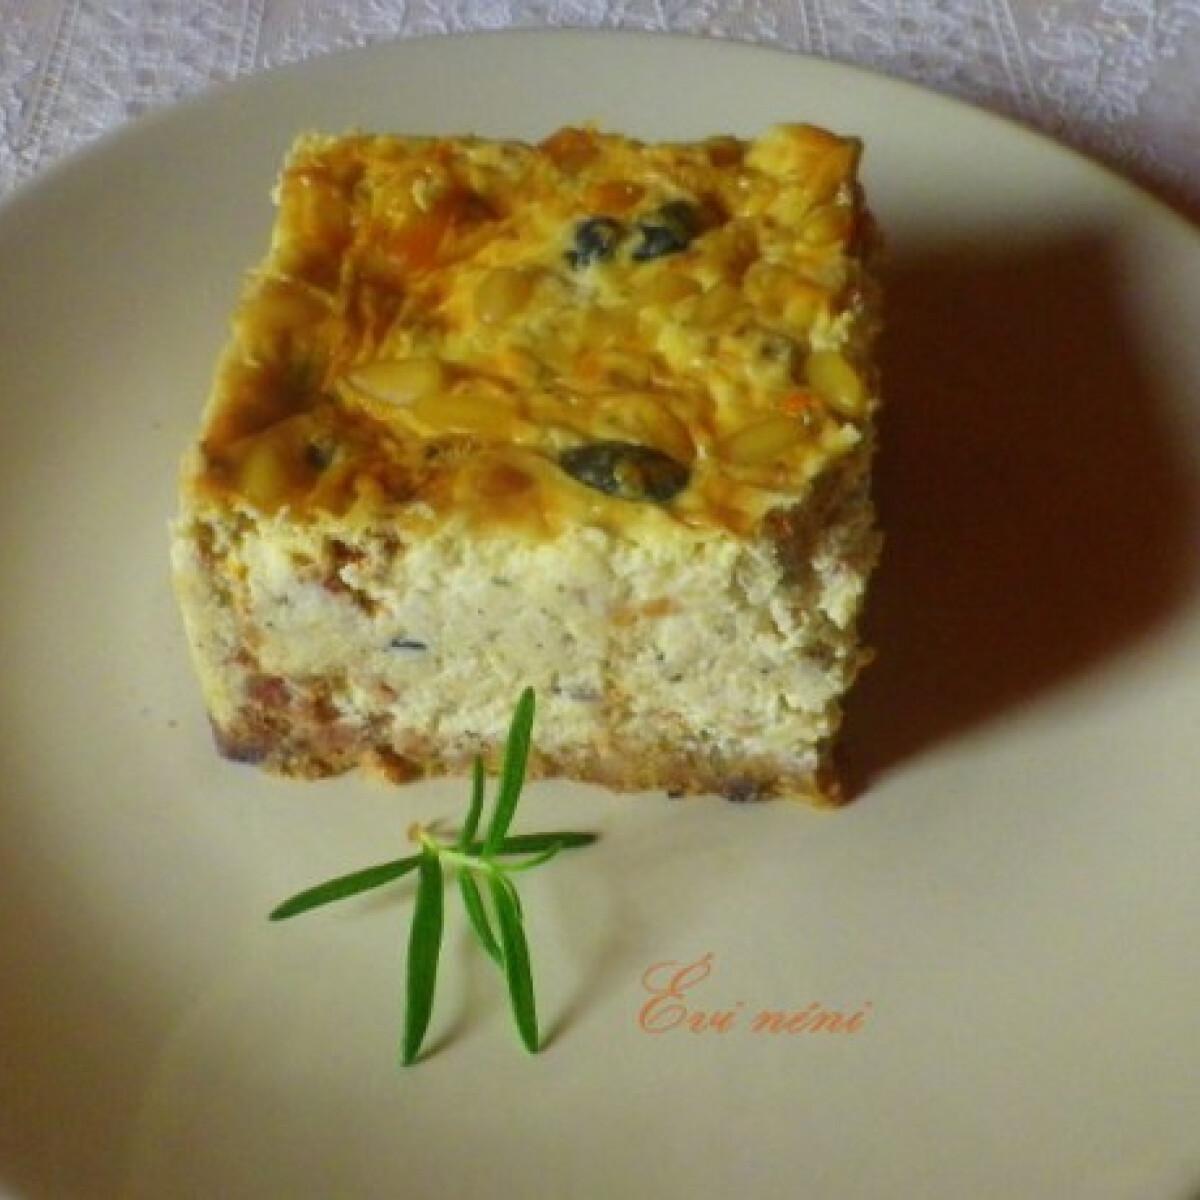 Olasz sajttorta Évi néni konyhájából